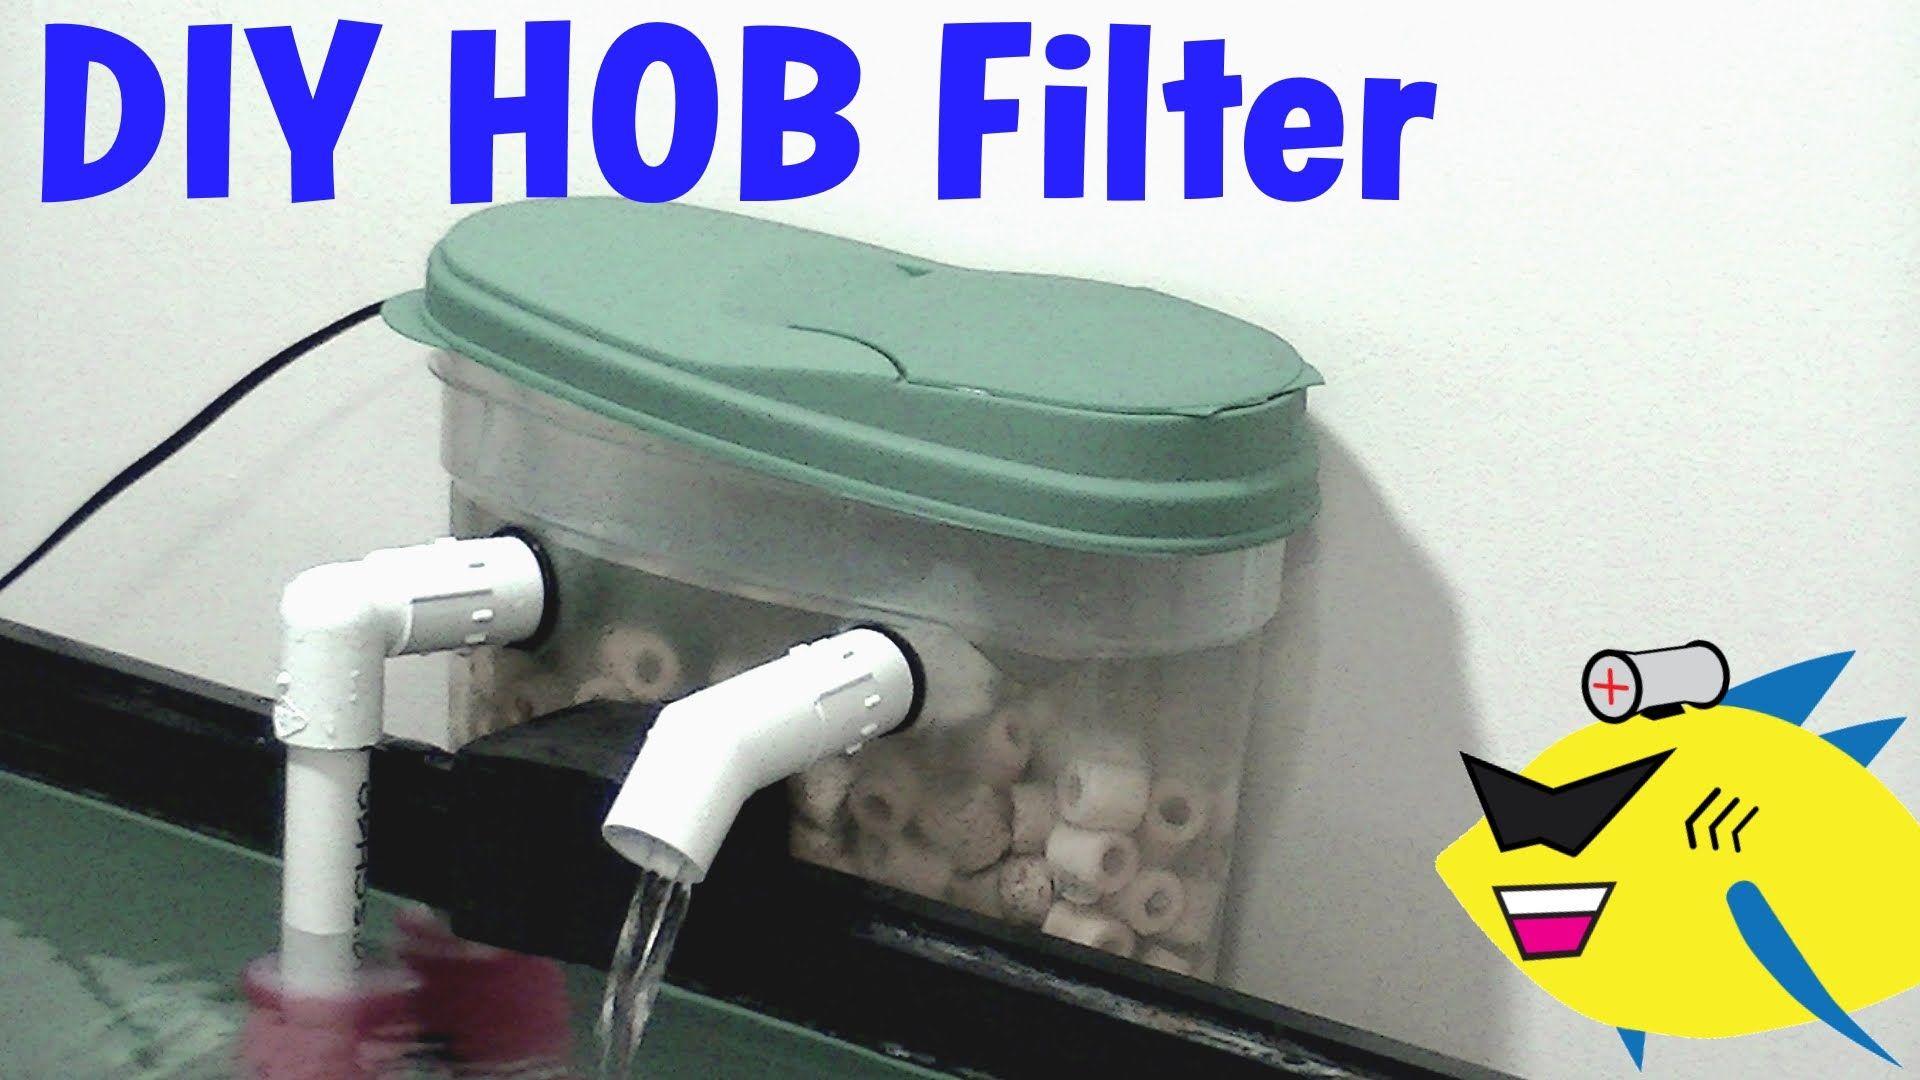 Pin by Jordan Brown on Aquatic tanks Diy aquarium filter